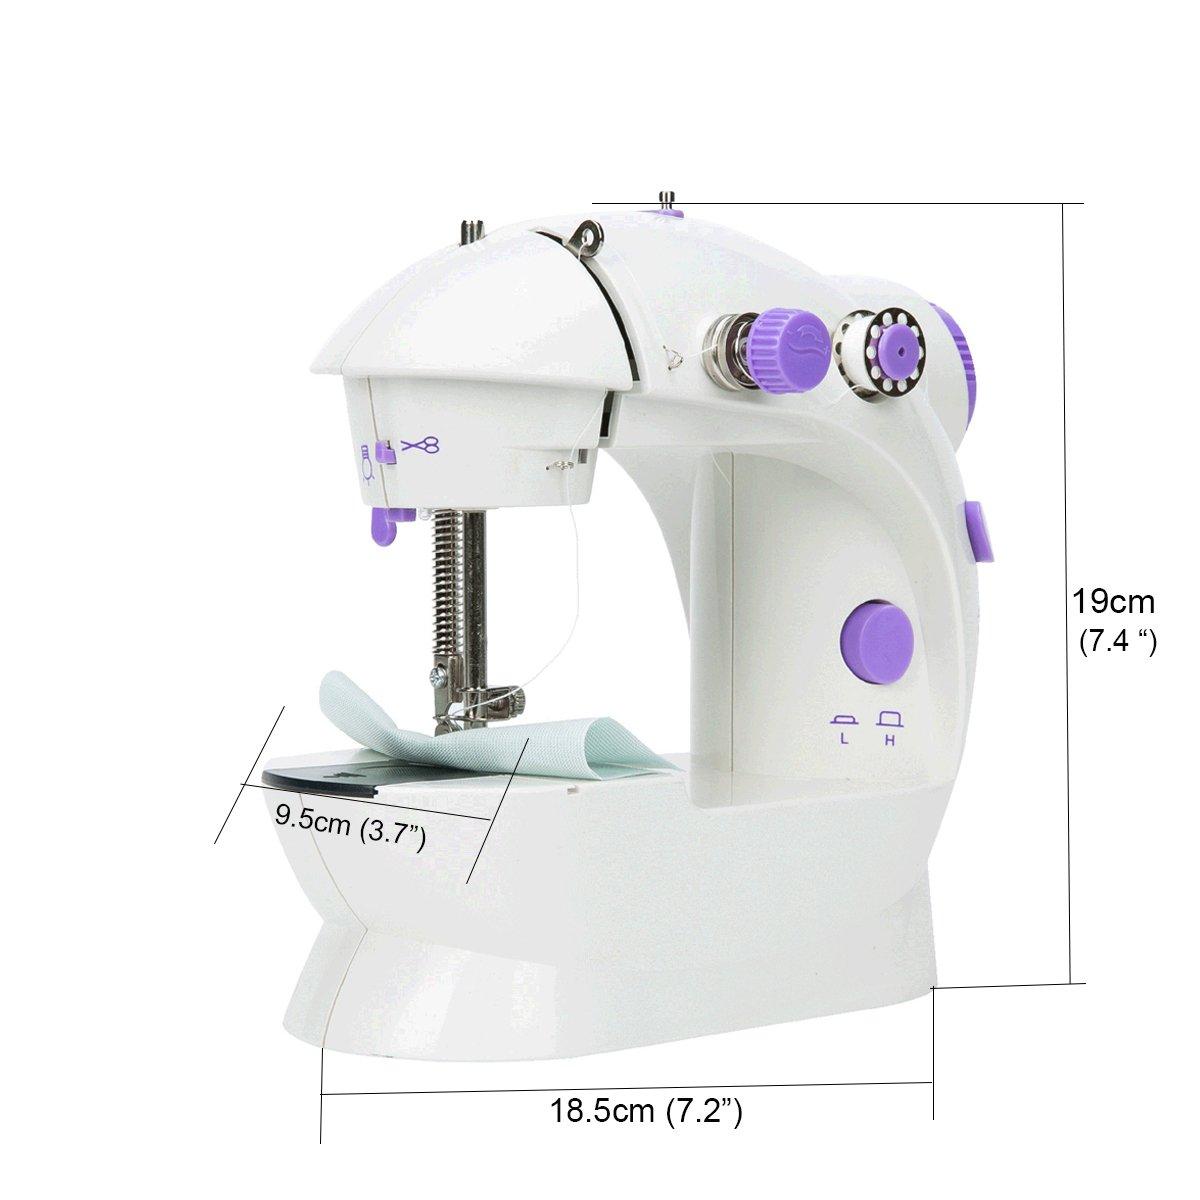 FreeTec Mini máquina de coser Eléctrica, Con Luz de Iluminar Aguja ...